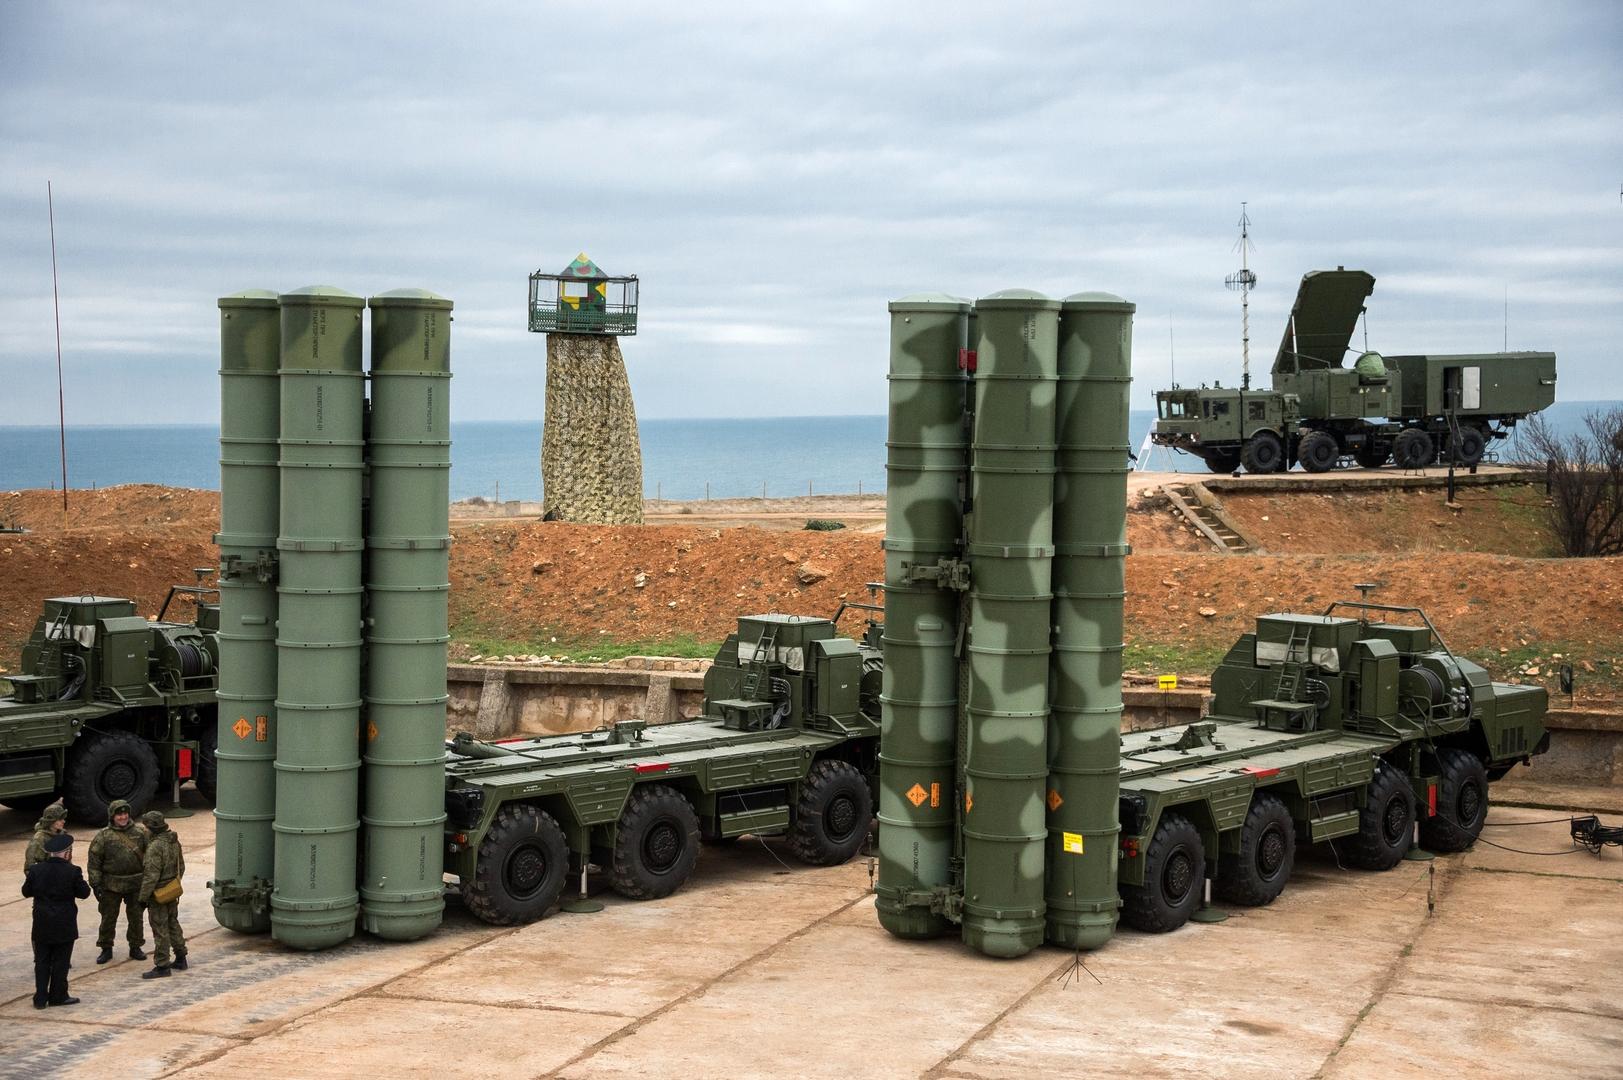 تبيع أسلحة إلى أكثر من 50 بلدا.. كم صدرت روسيا معدات عسكرية في 2020؟